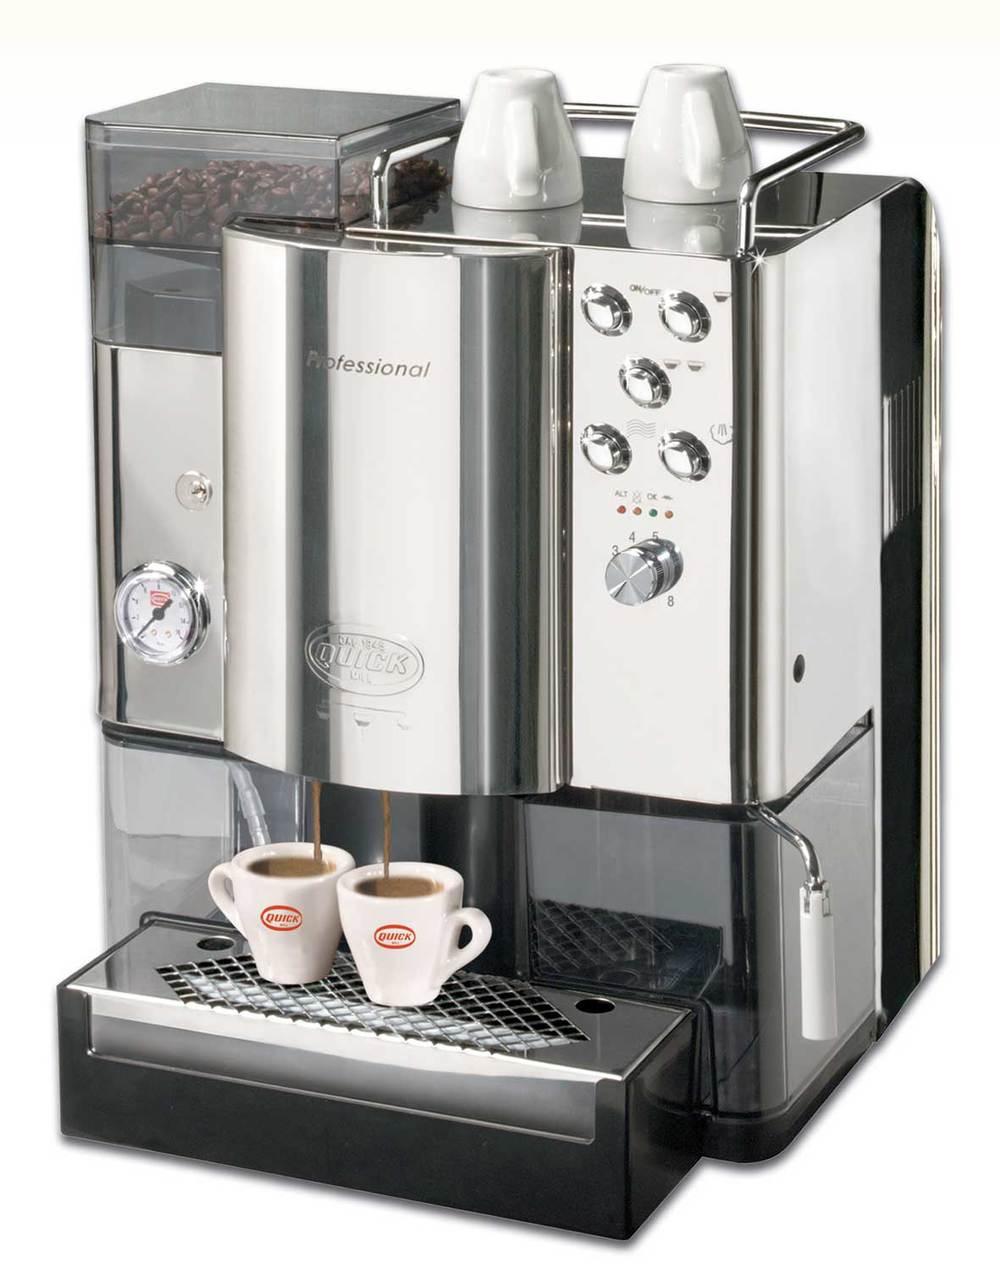 die besten kaffeemaschinen f r zu hause beans machines alles f r guten kaffee coffeelove. Black Bedroom Furniture Sets. Home Design Ideas